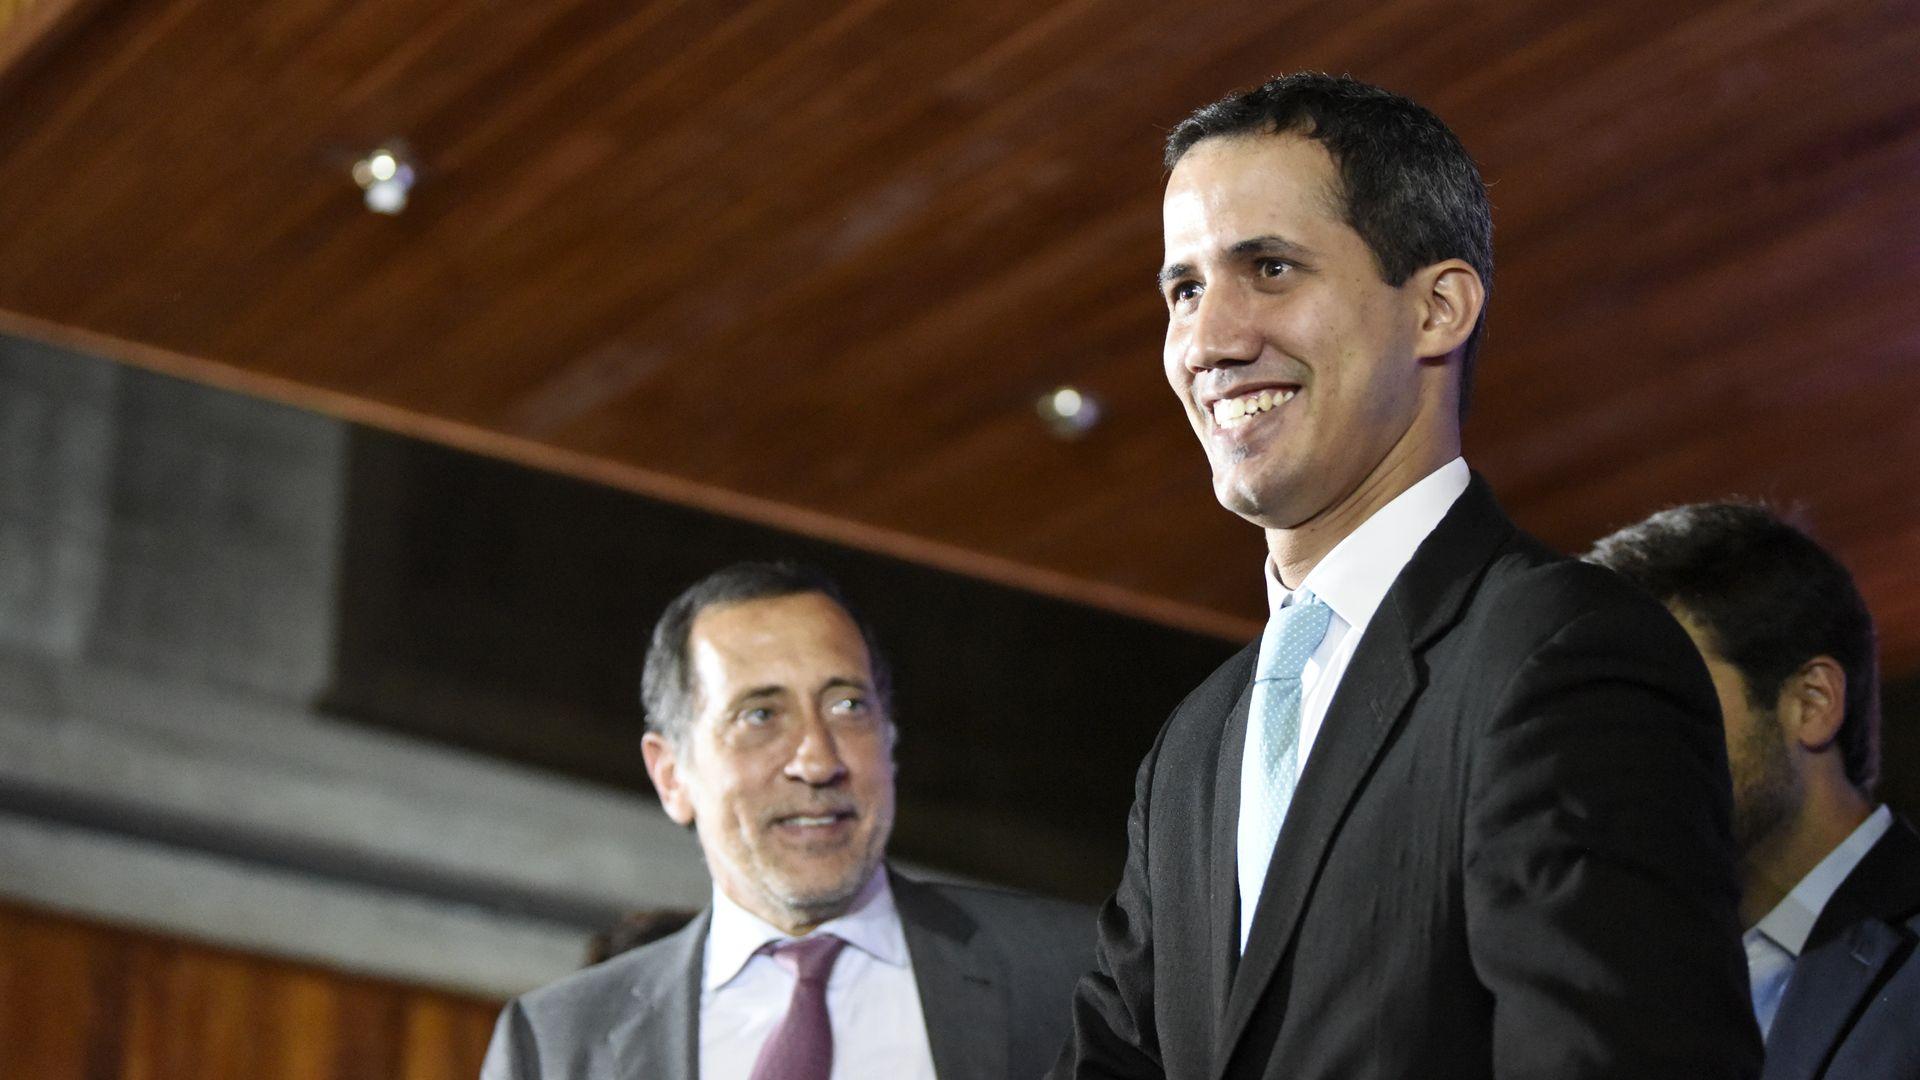 Juan Guaido smiles.